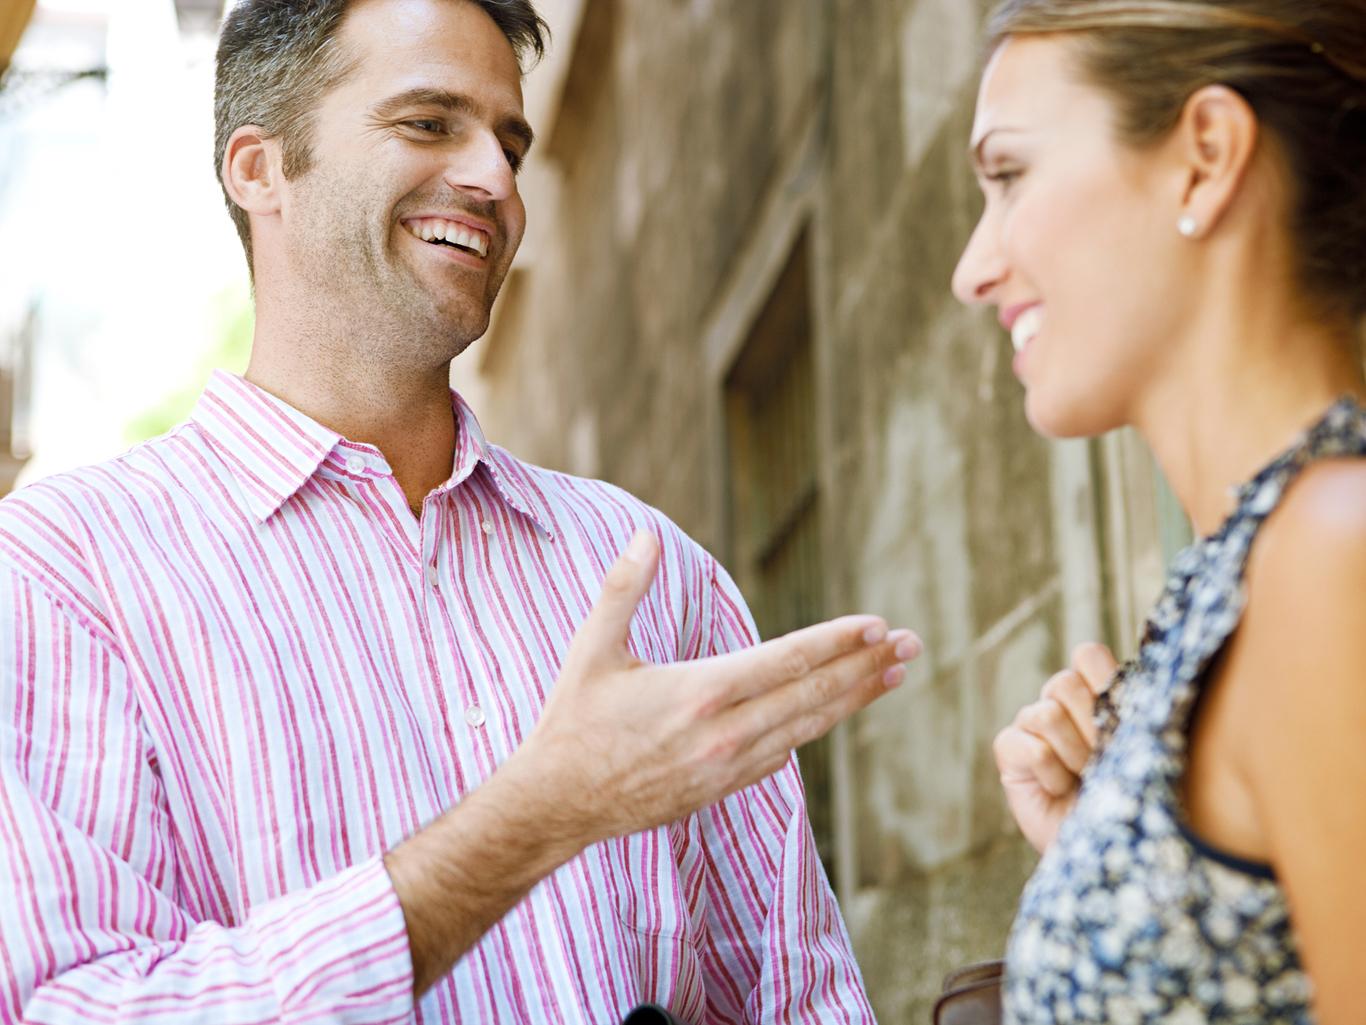 ТОП-5 супер действенных советов, как правильно формулировать свои мысли